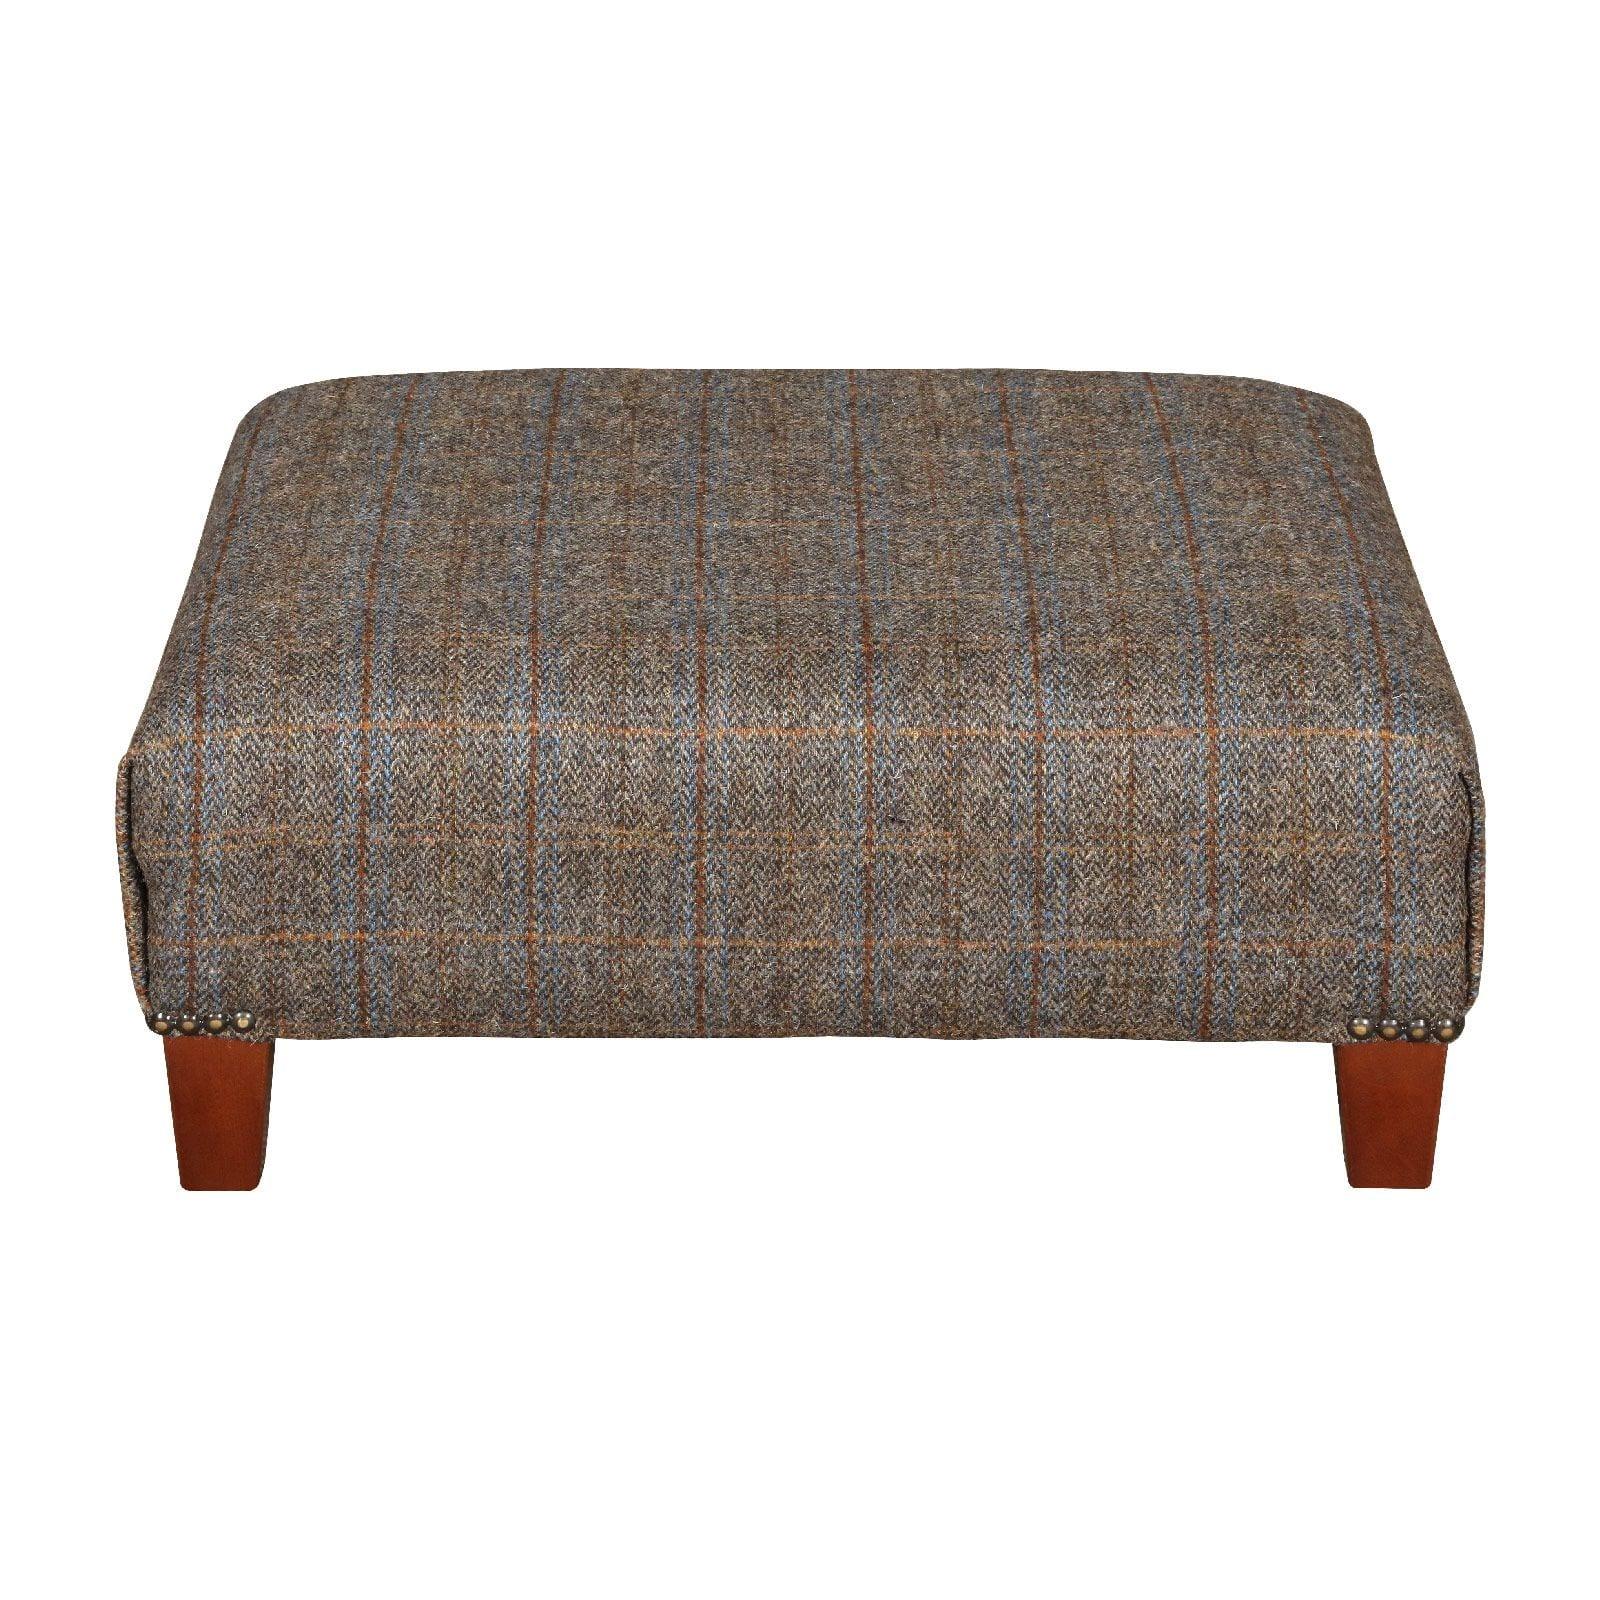 Kensington pull out stool plain